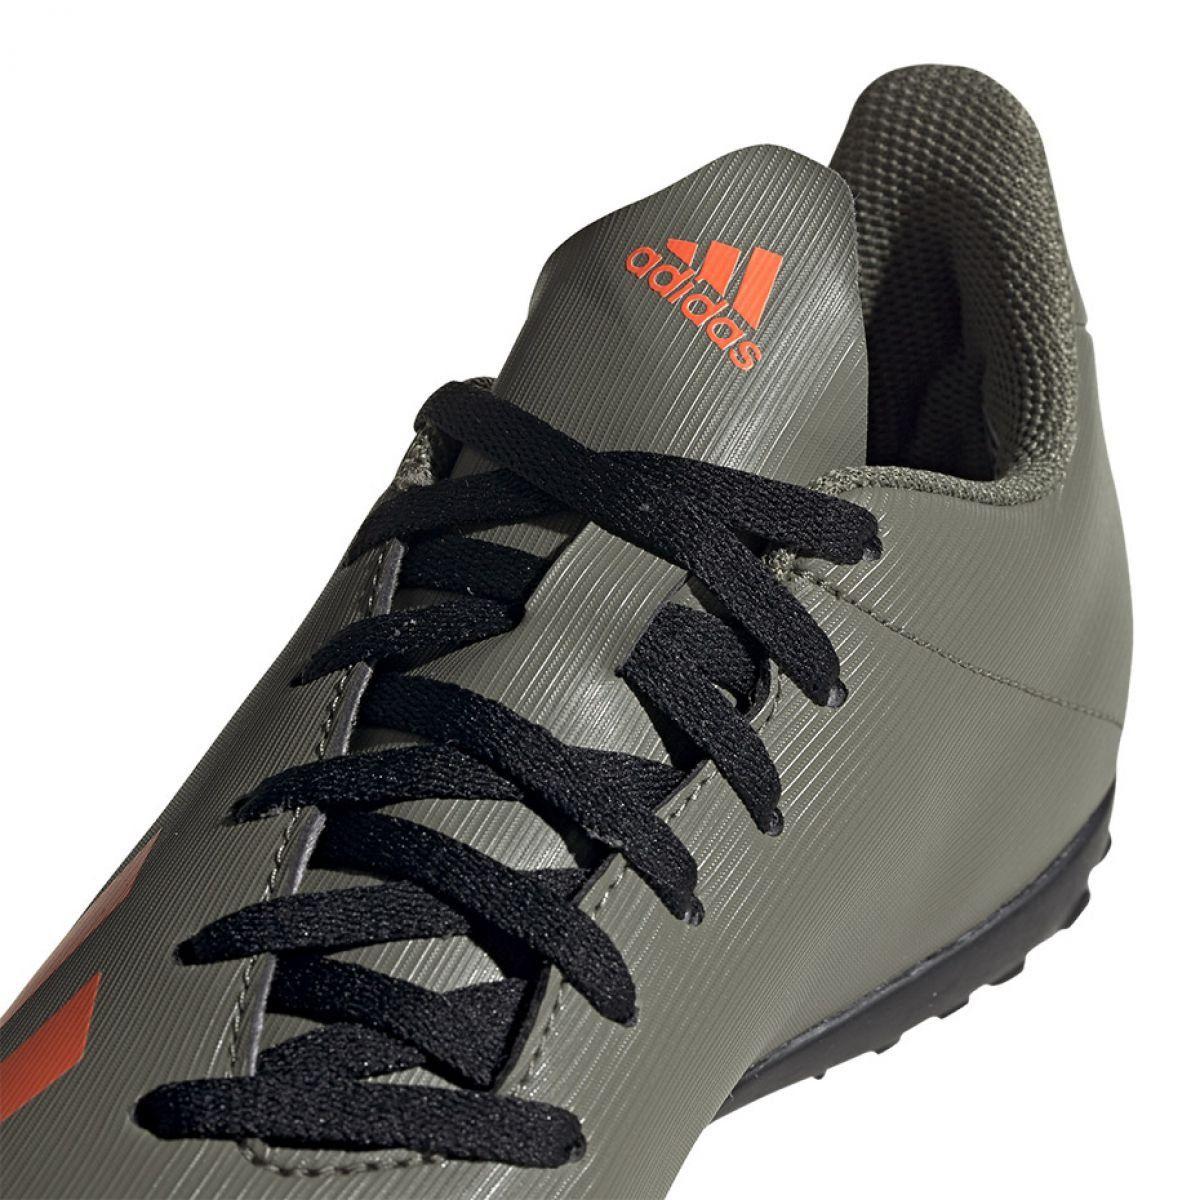 Buty Pilkarskie Adidas X 19 4 Jr Tf Ef8378 Zielone Zielone Football Shoes Shoes Adidas Football